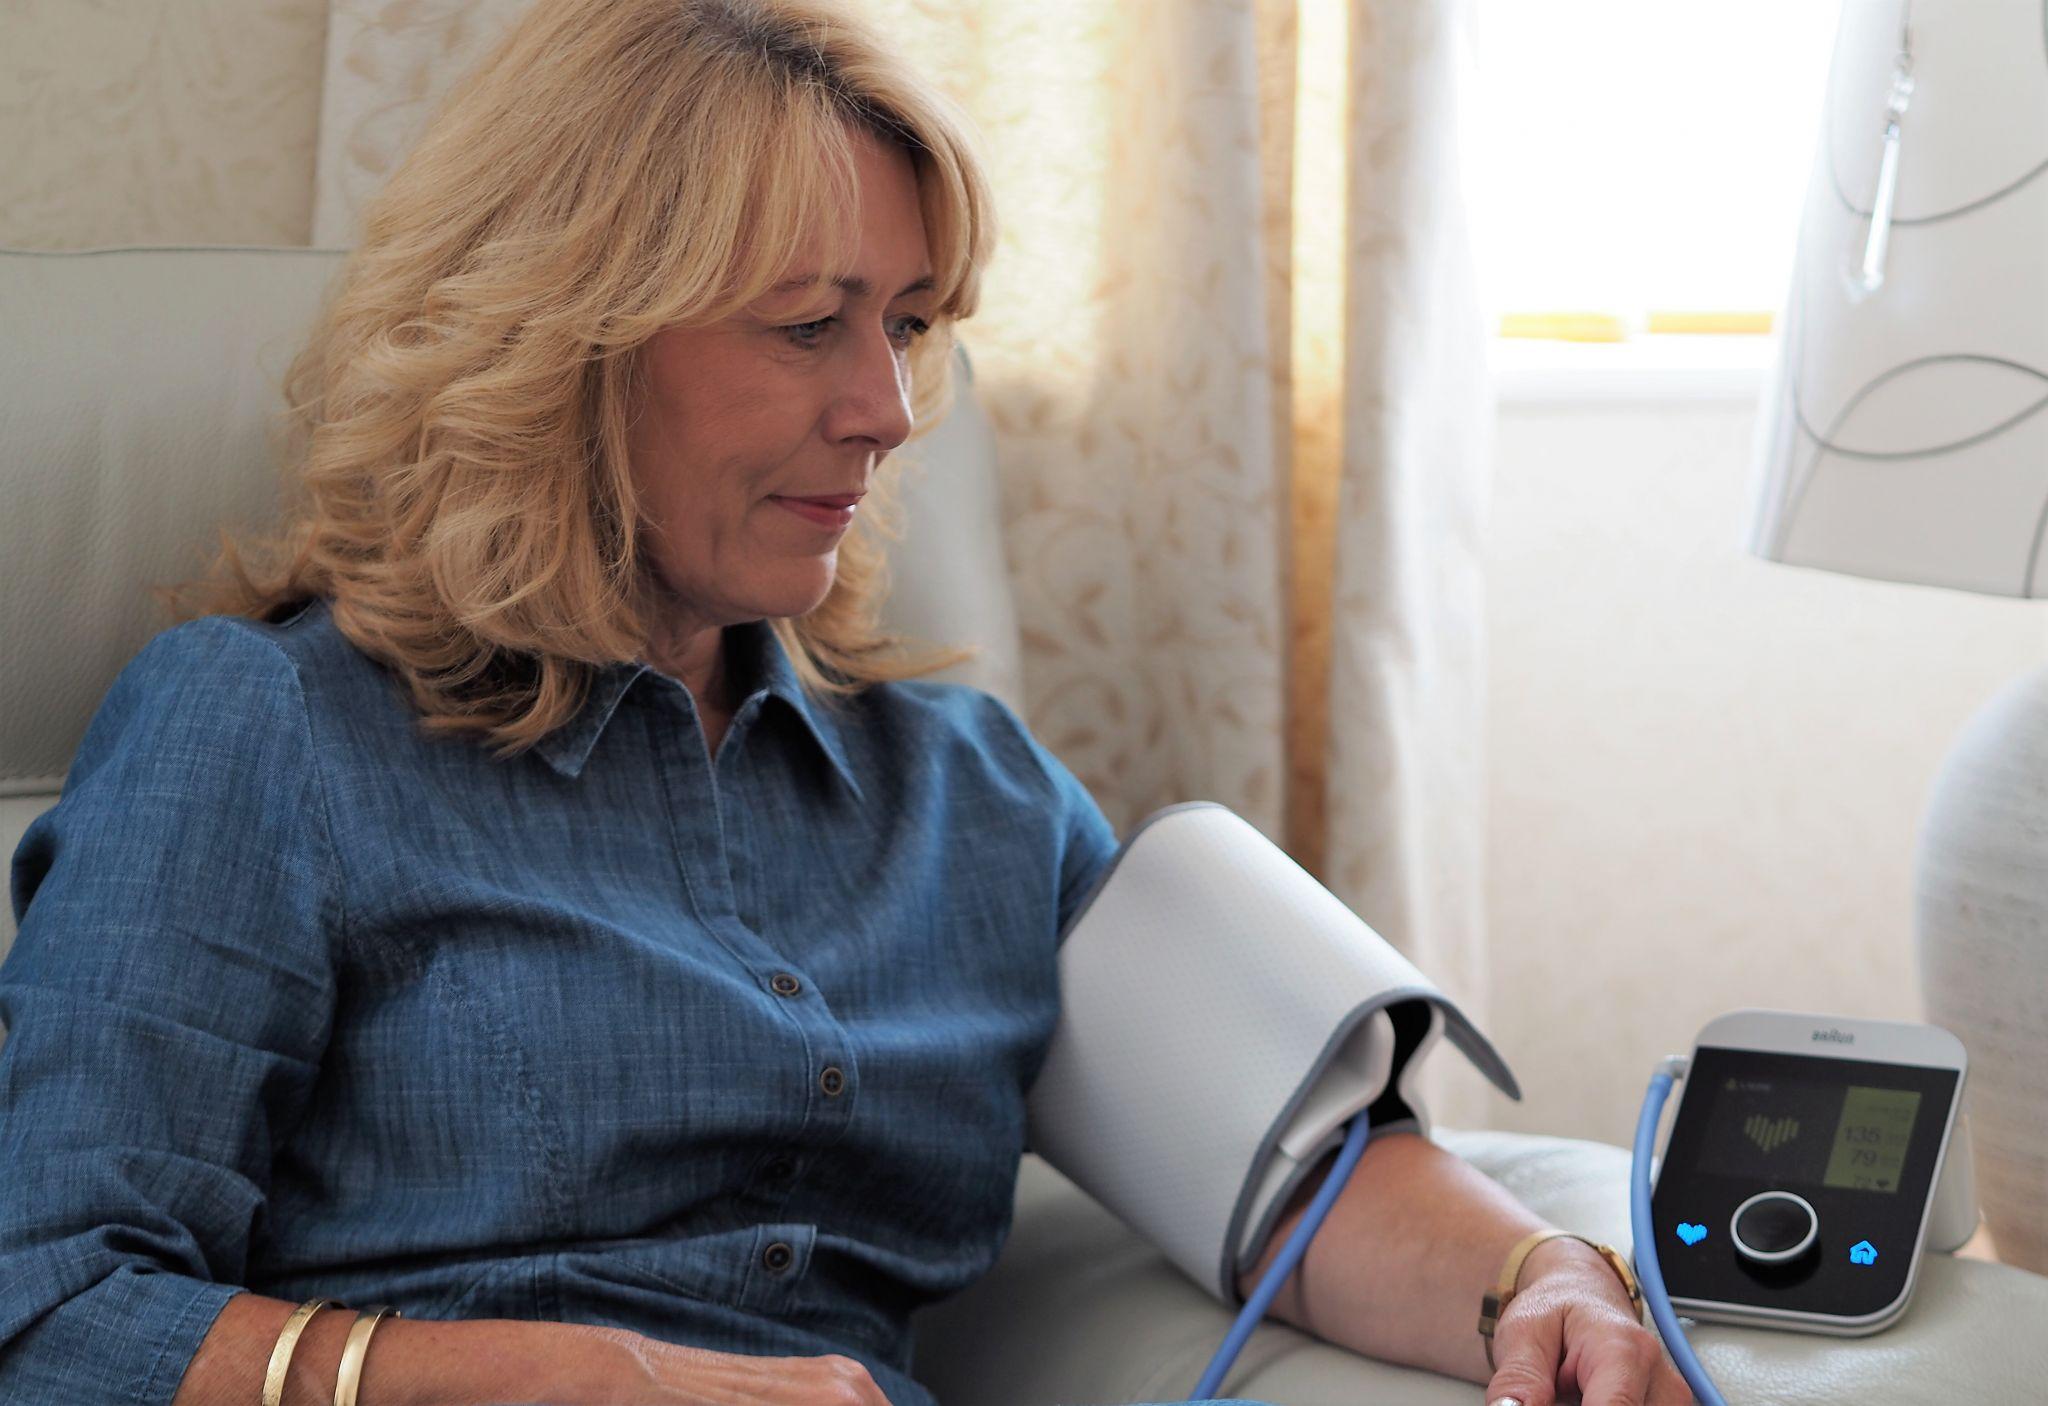 Braun Blood Pressure Moniter